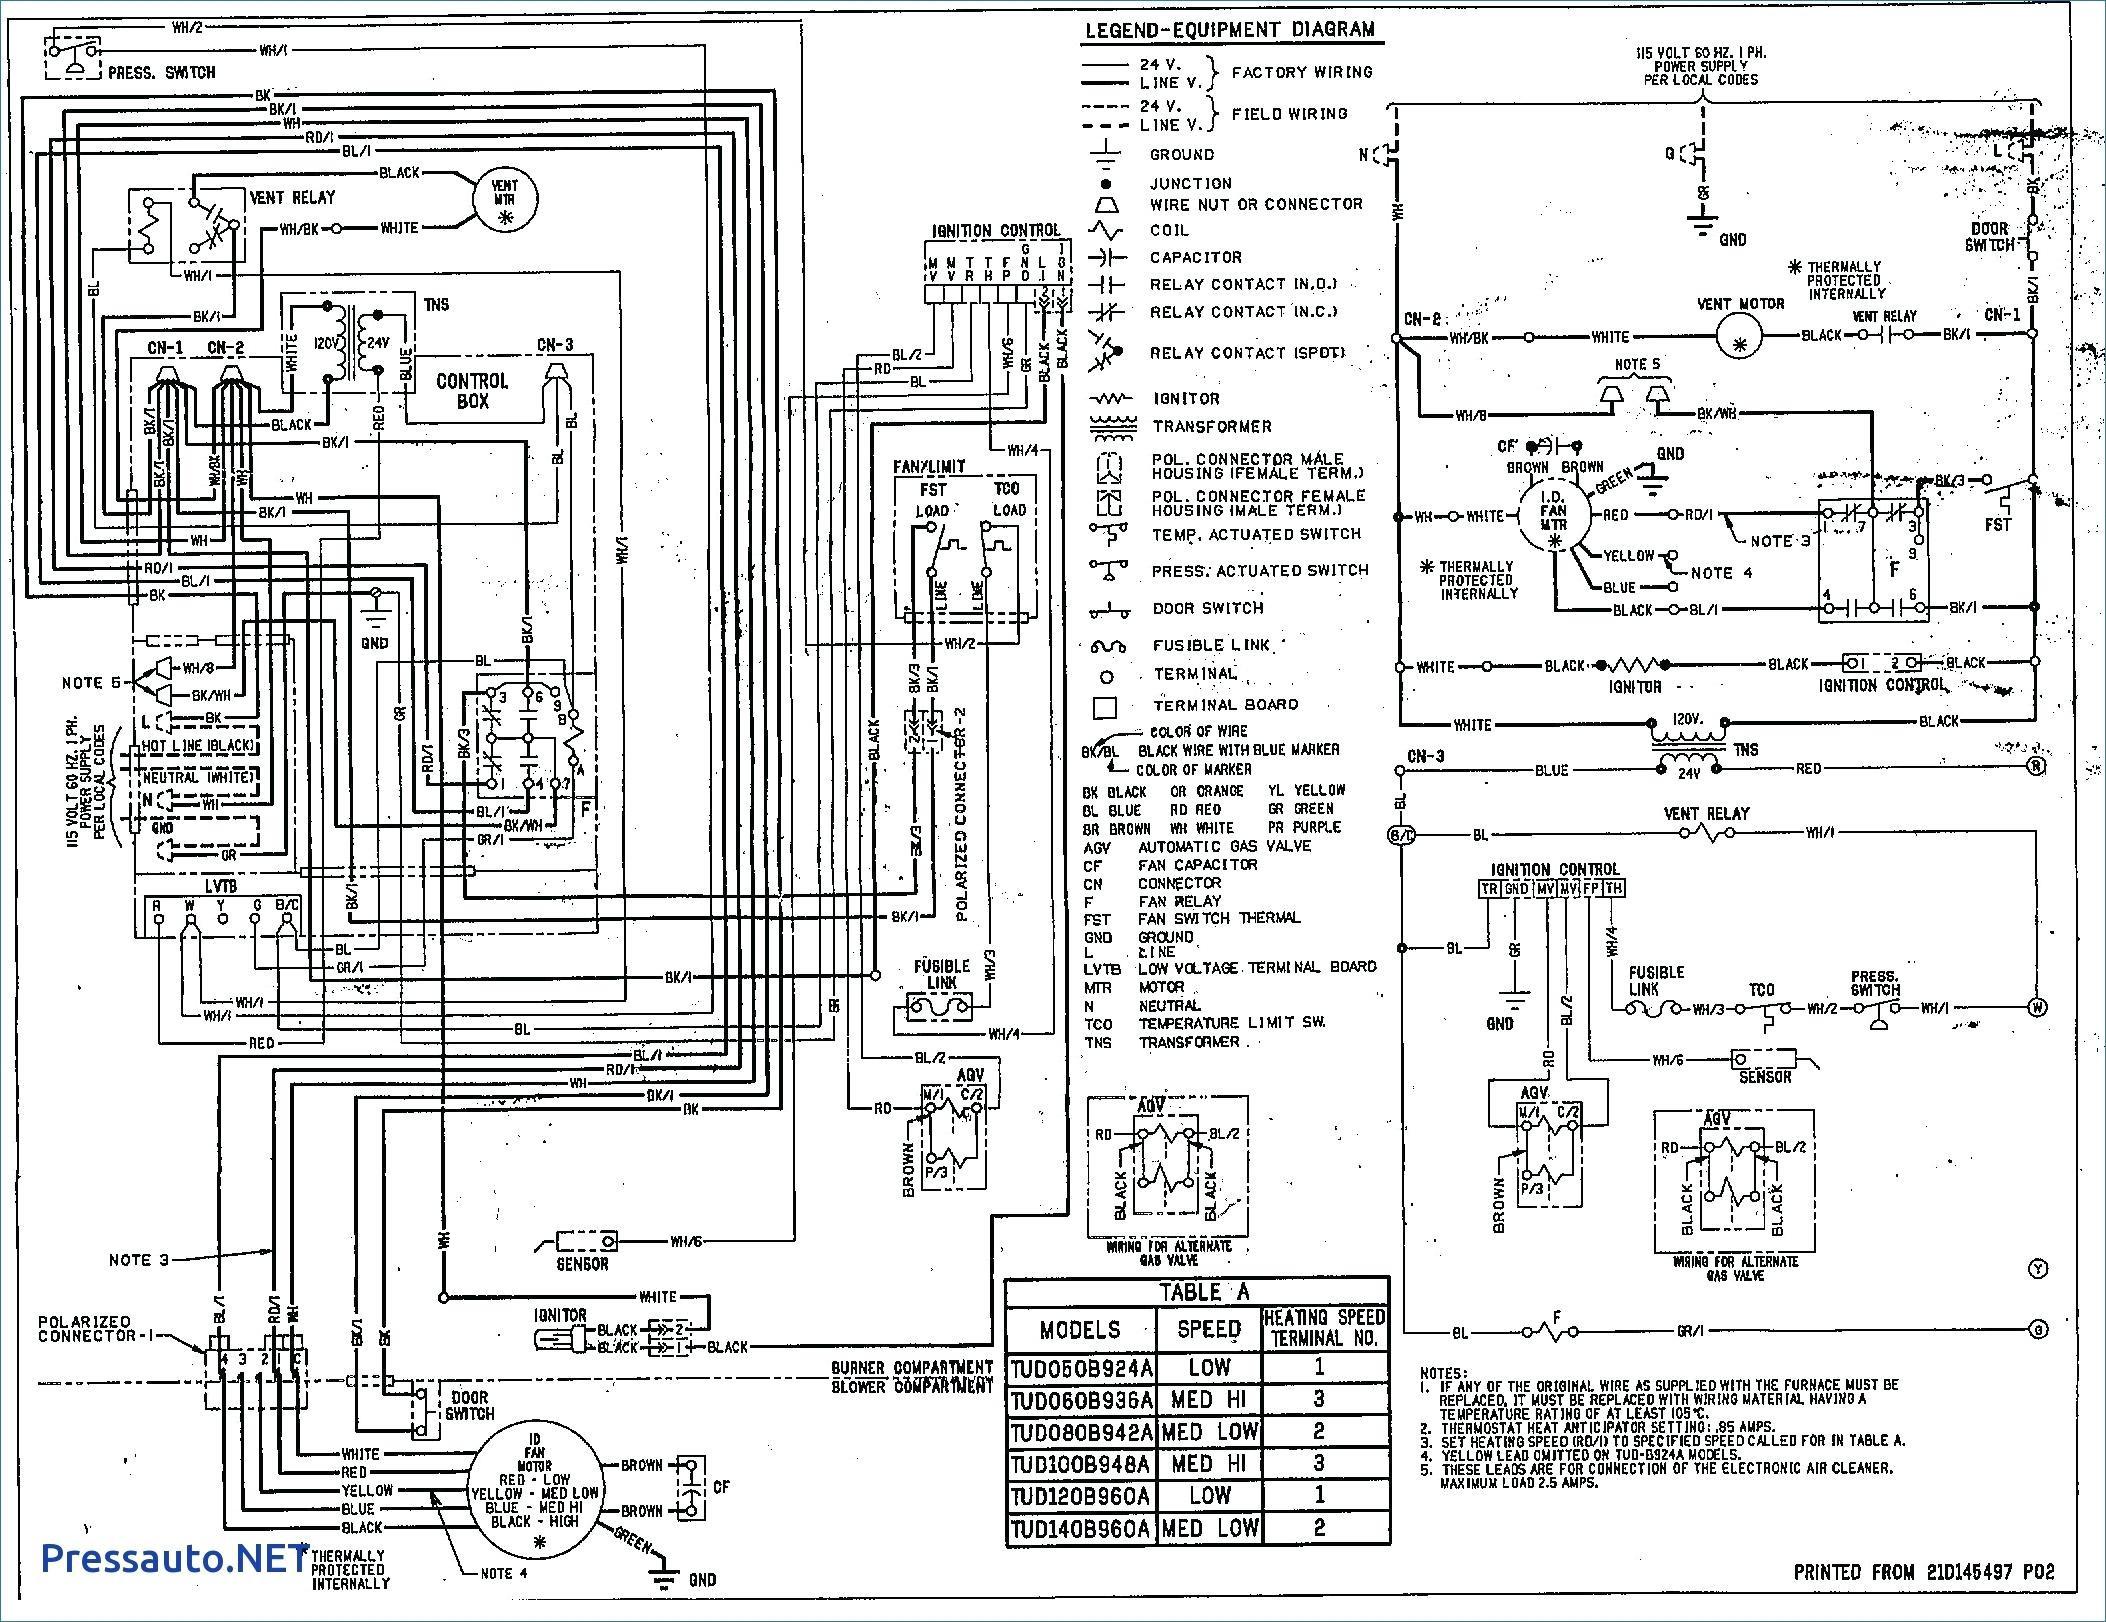 Trane Wiring Diagrams - Wiring Diagrams Hubs - Trane Thermostat Wiring Diagram